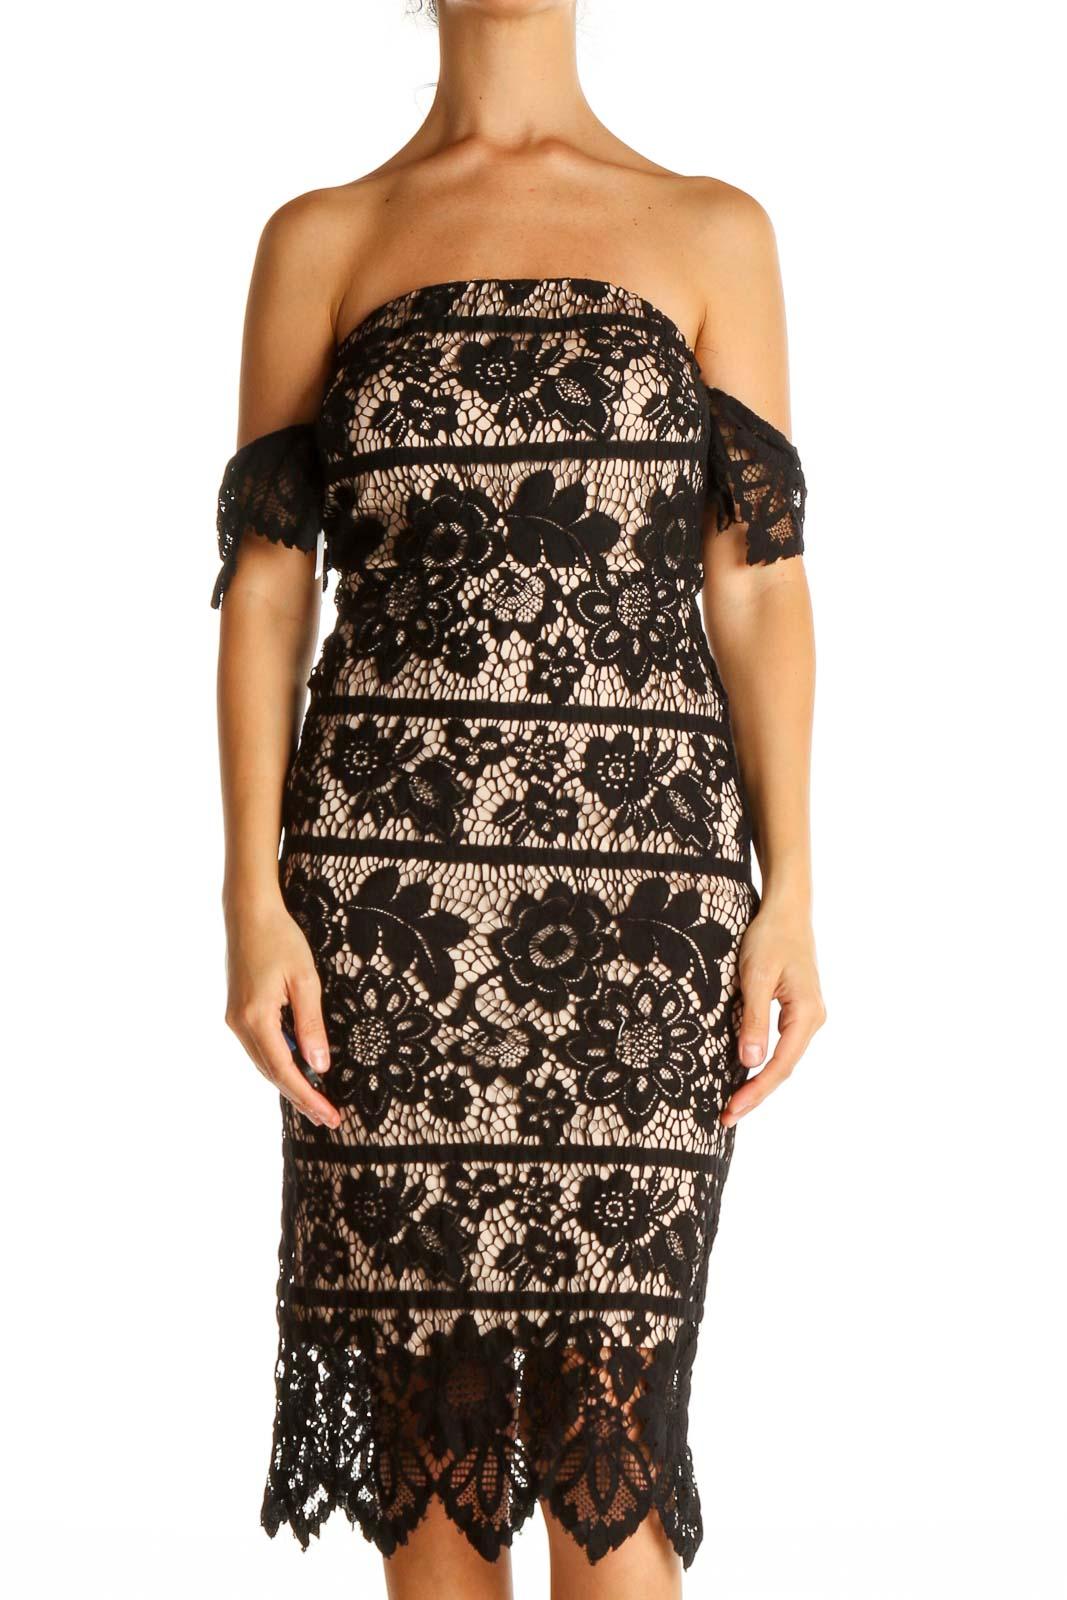 Black Lace Cocktail Sheath Dress Front